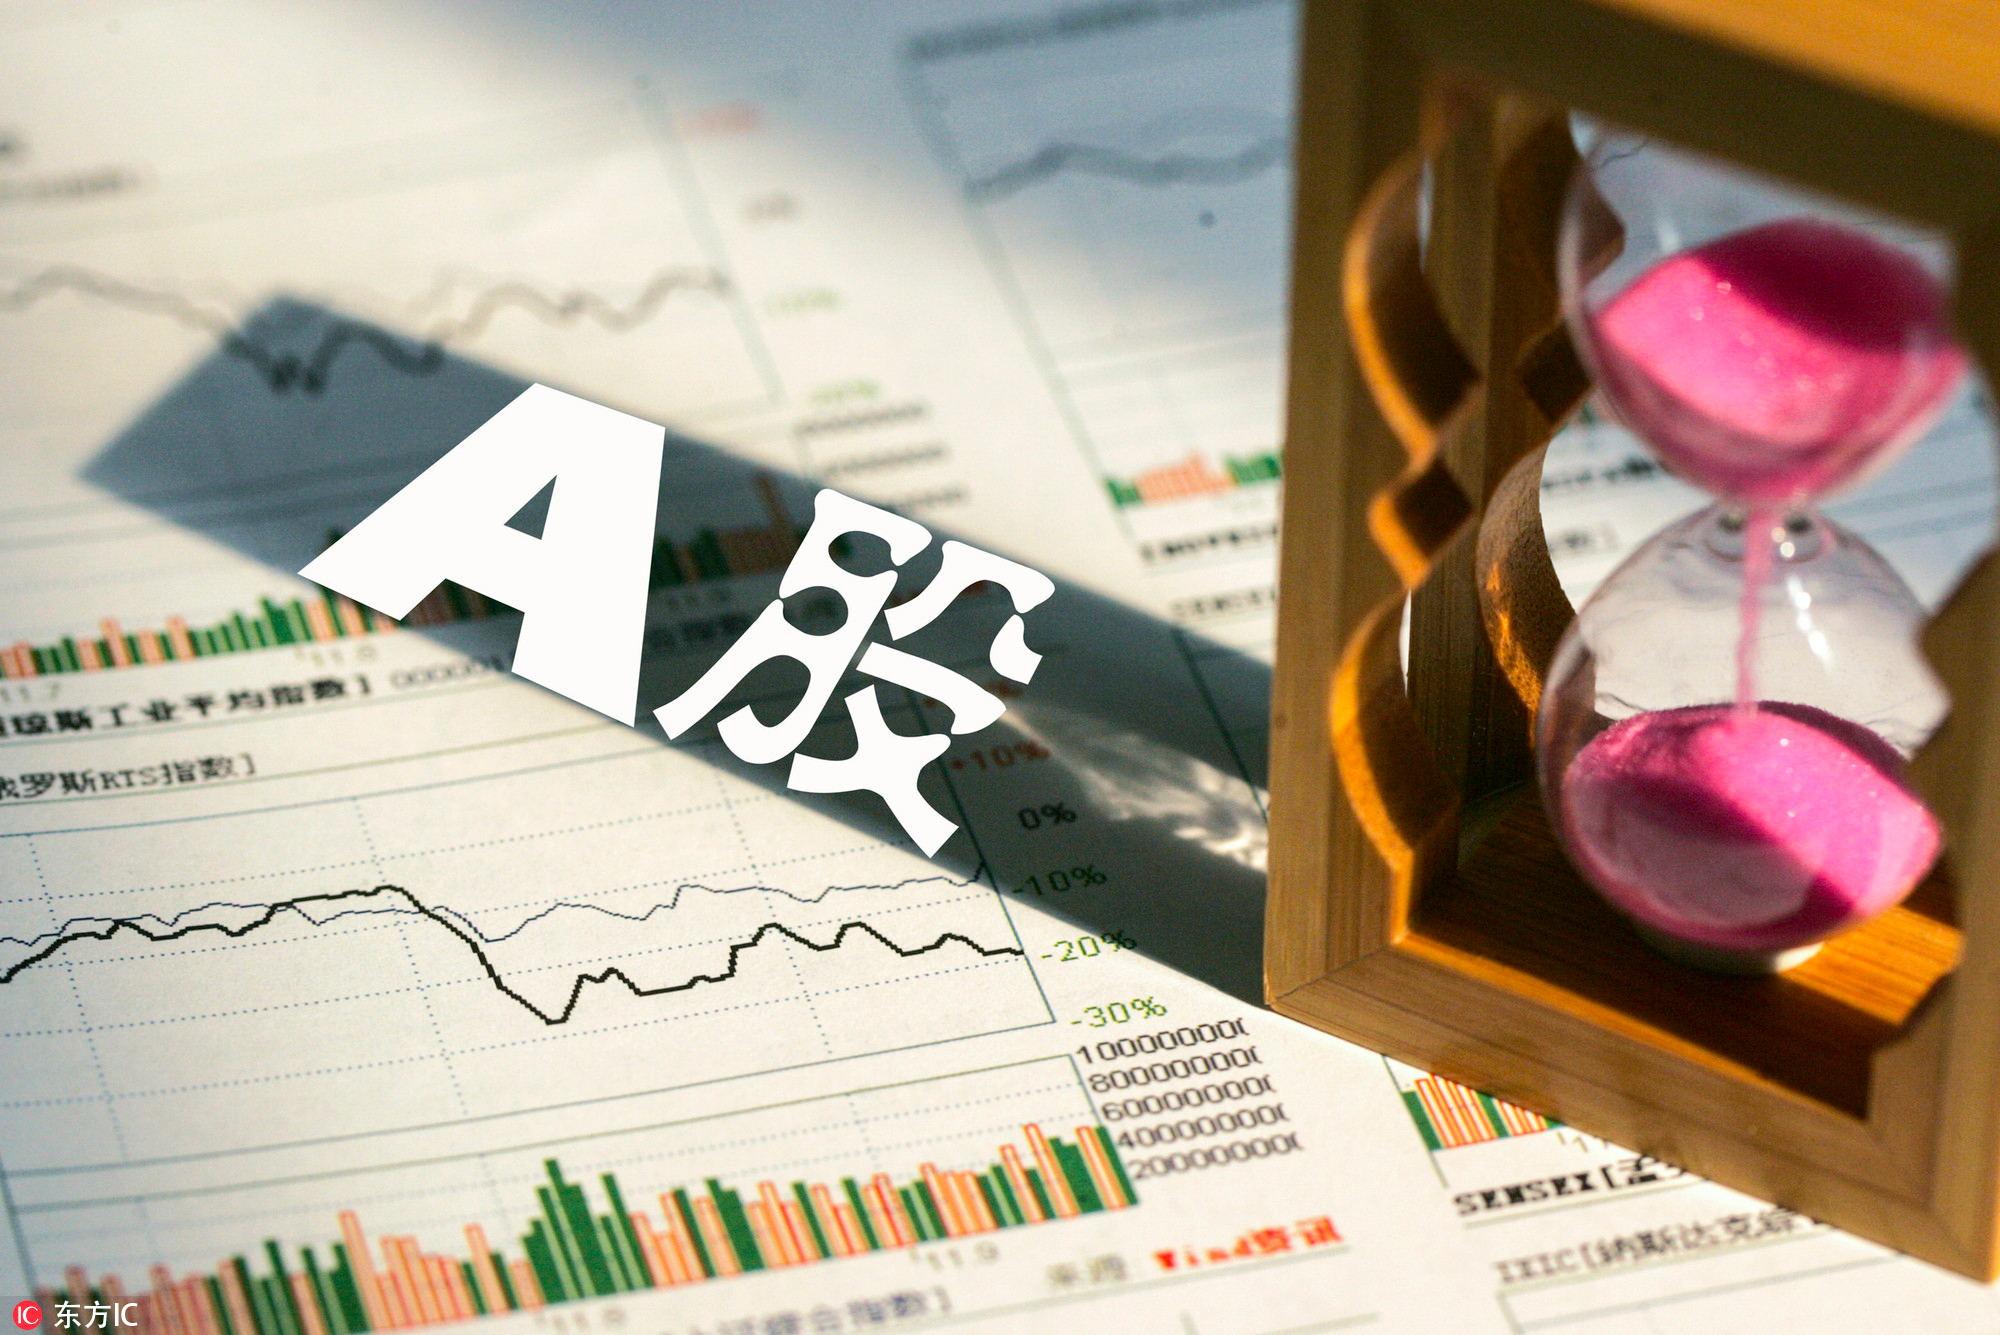 市场转暖减持抬头,逾50家公司股东跑步离场